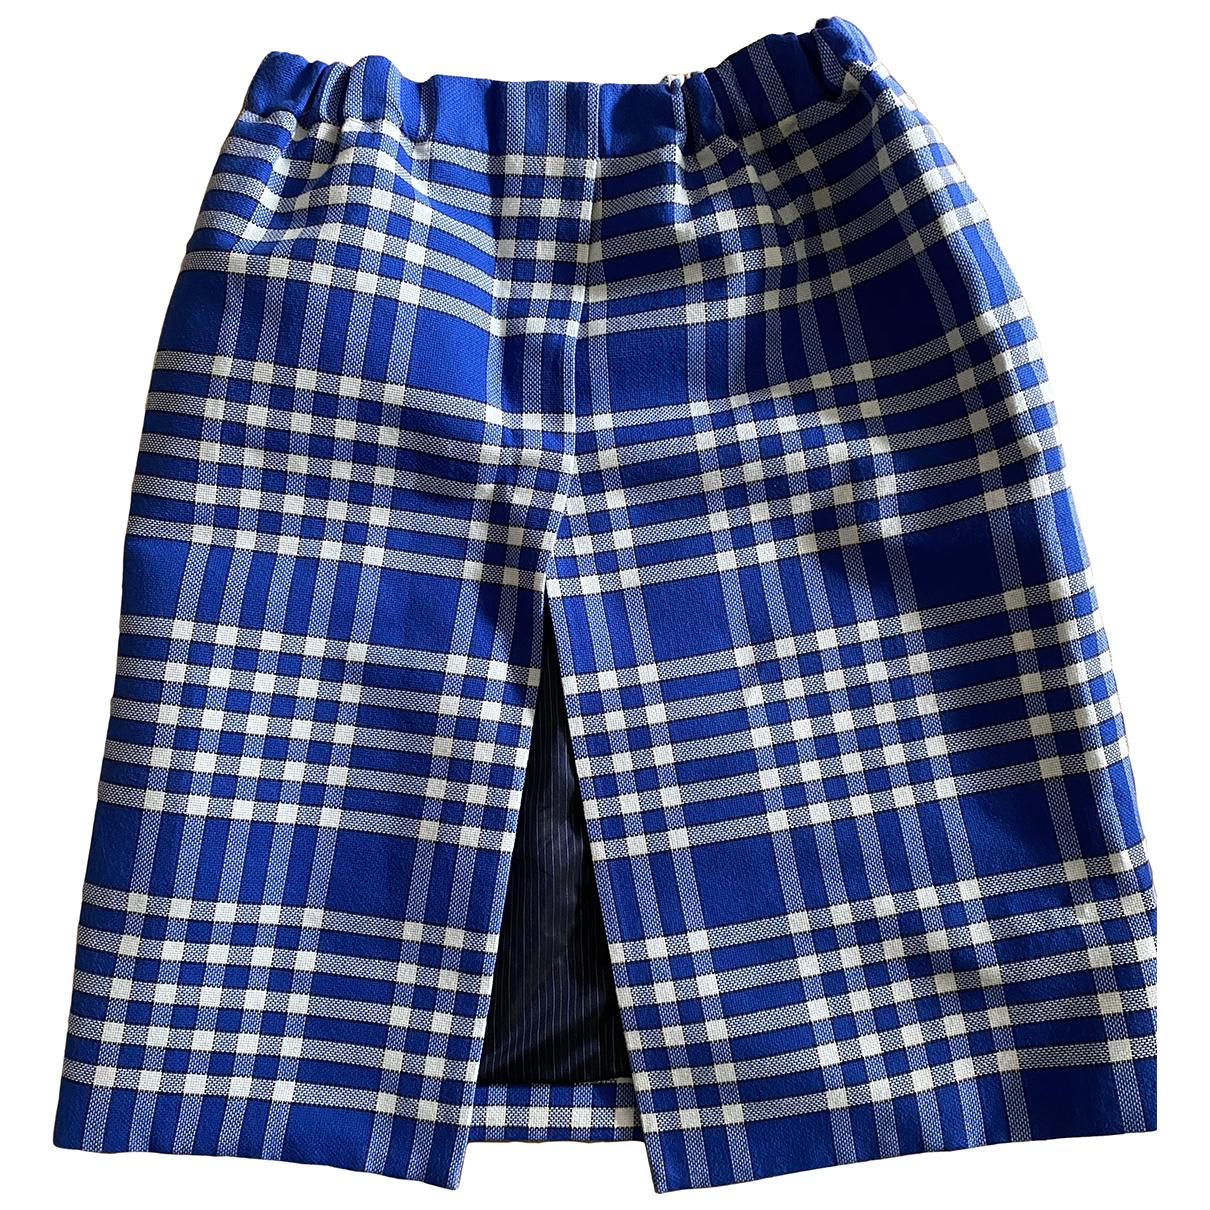 Jacquemus L'Amour d'un Gitan Blue skirt for Women 40 FR